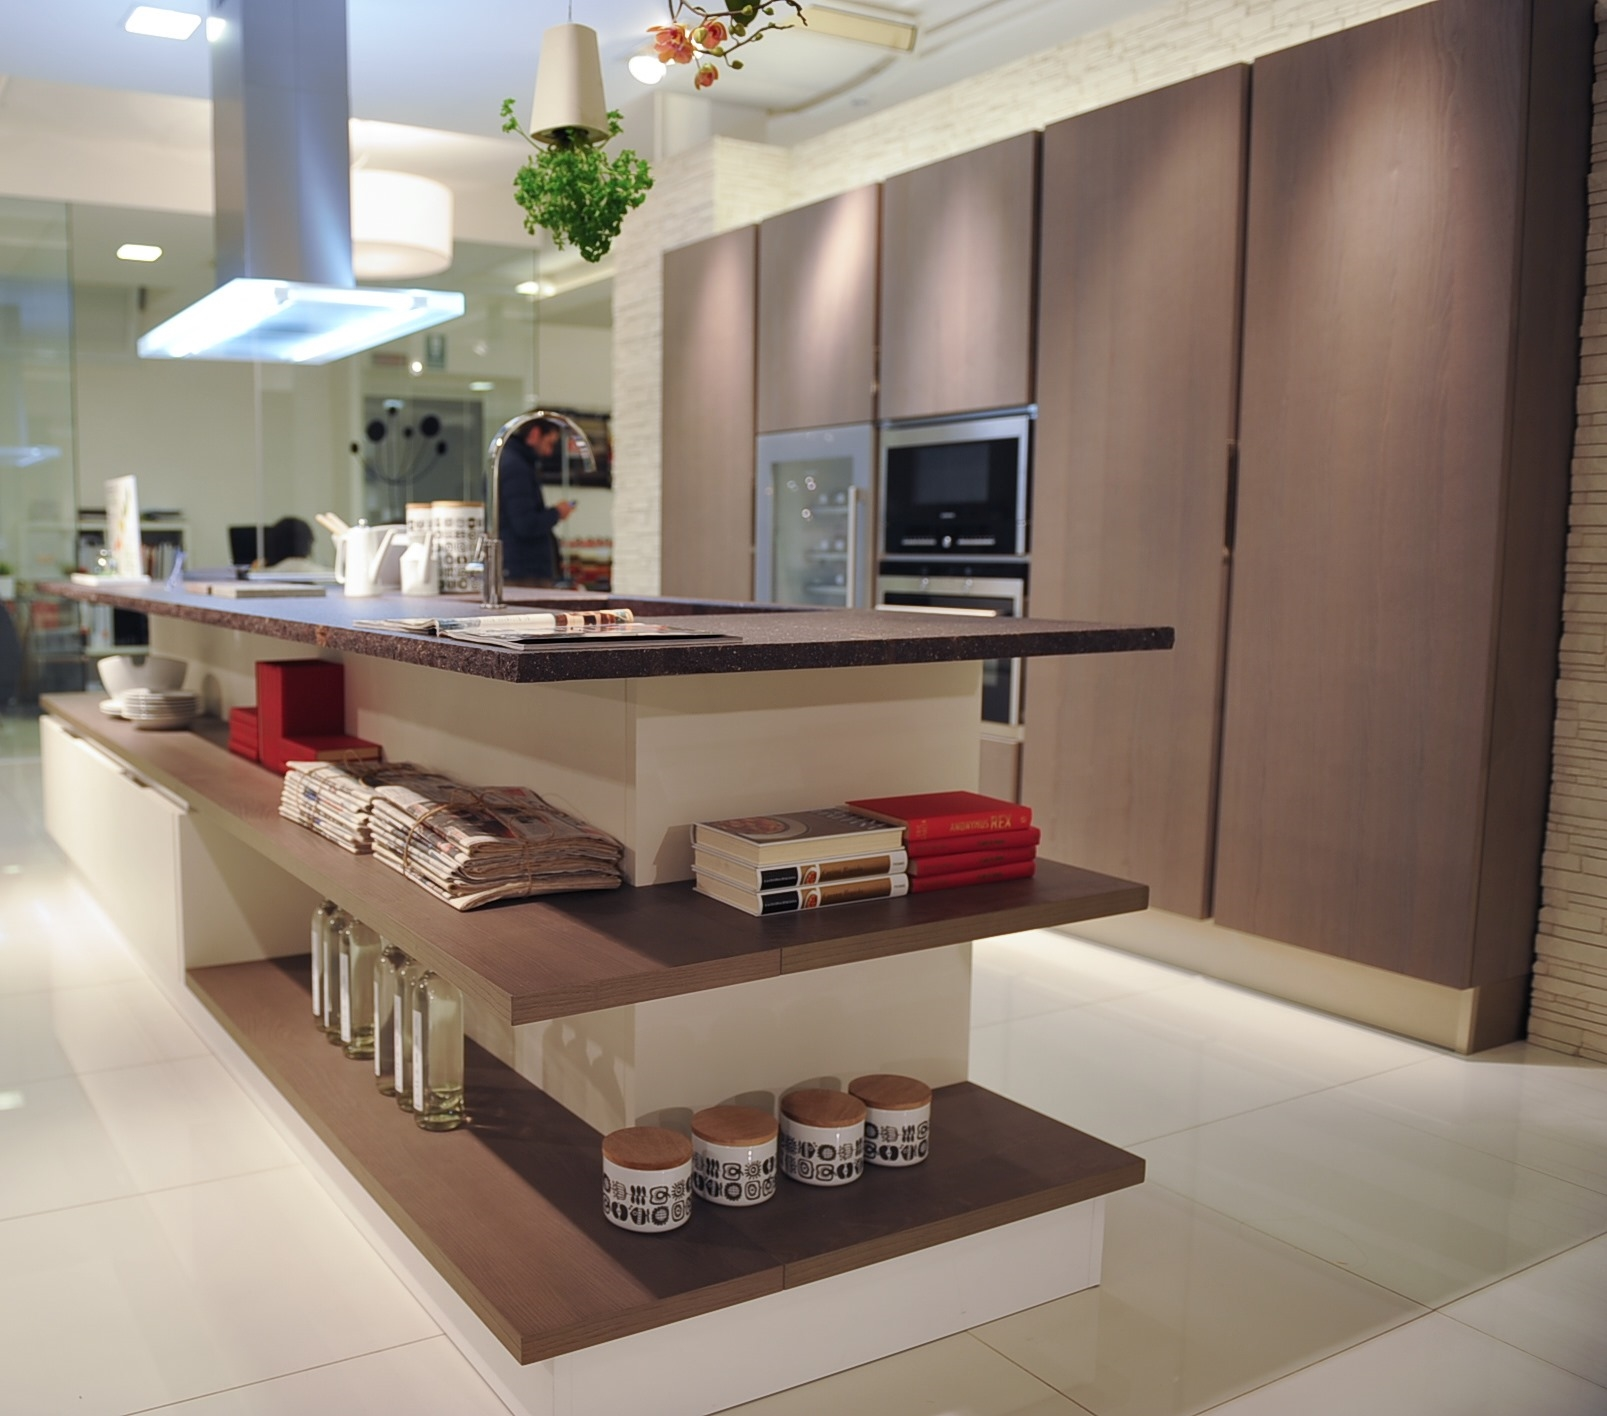 Cucina Veneta Cucine Tulipano Scontato Del 65 #48642D 1607 1416 Open Space Con Sala Da Pranzo